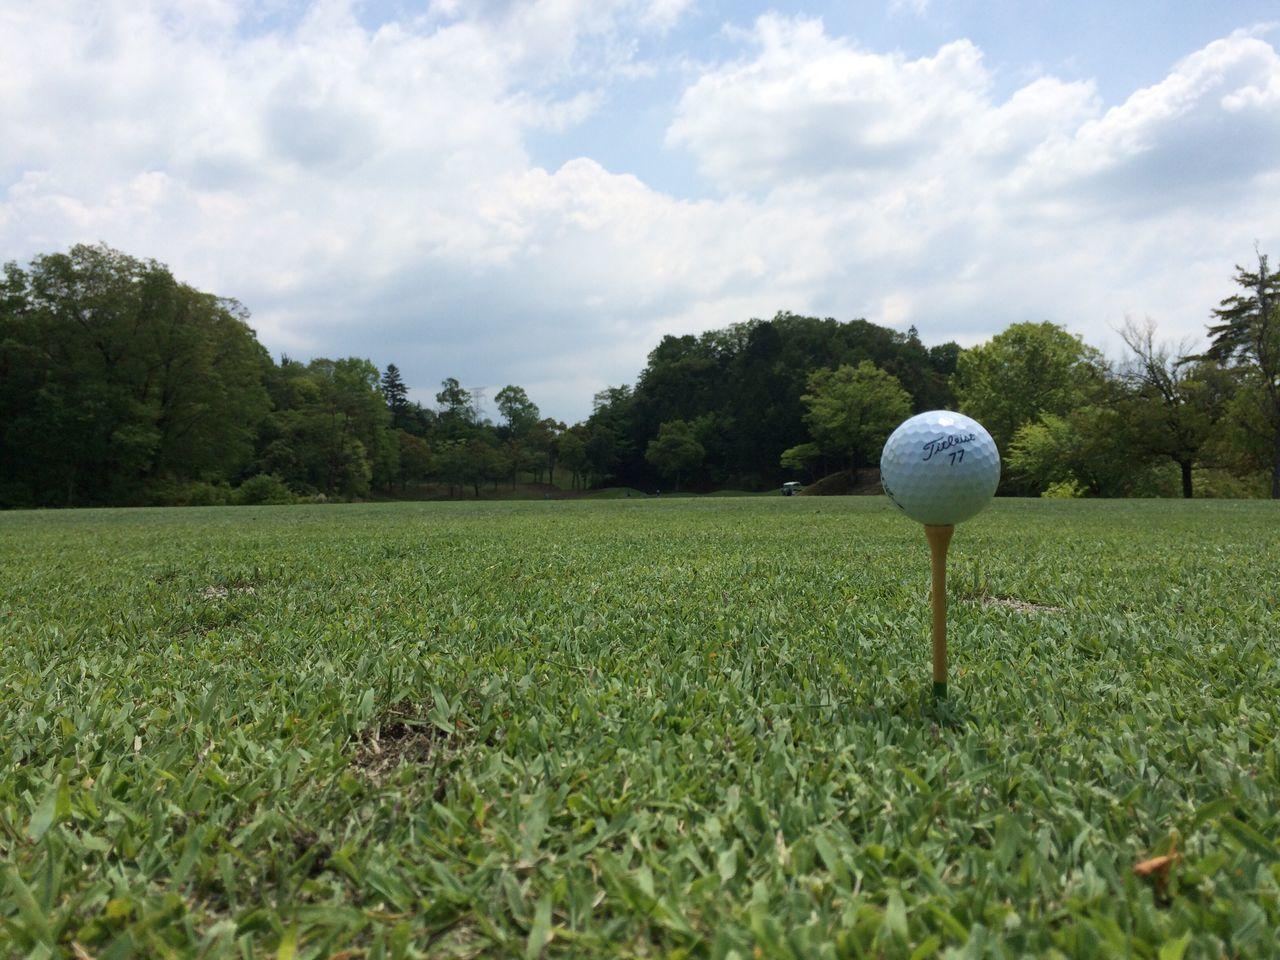 ゴルフ Green Color Golf Grass Tree Growth Golf Ball Sky Sport Ball Cloud - Sky Golf Course No People Day Tee Nature Field Outdoors Tranquility Green - Golf Course Beauty In Nature EyeEm Selects